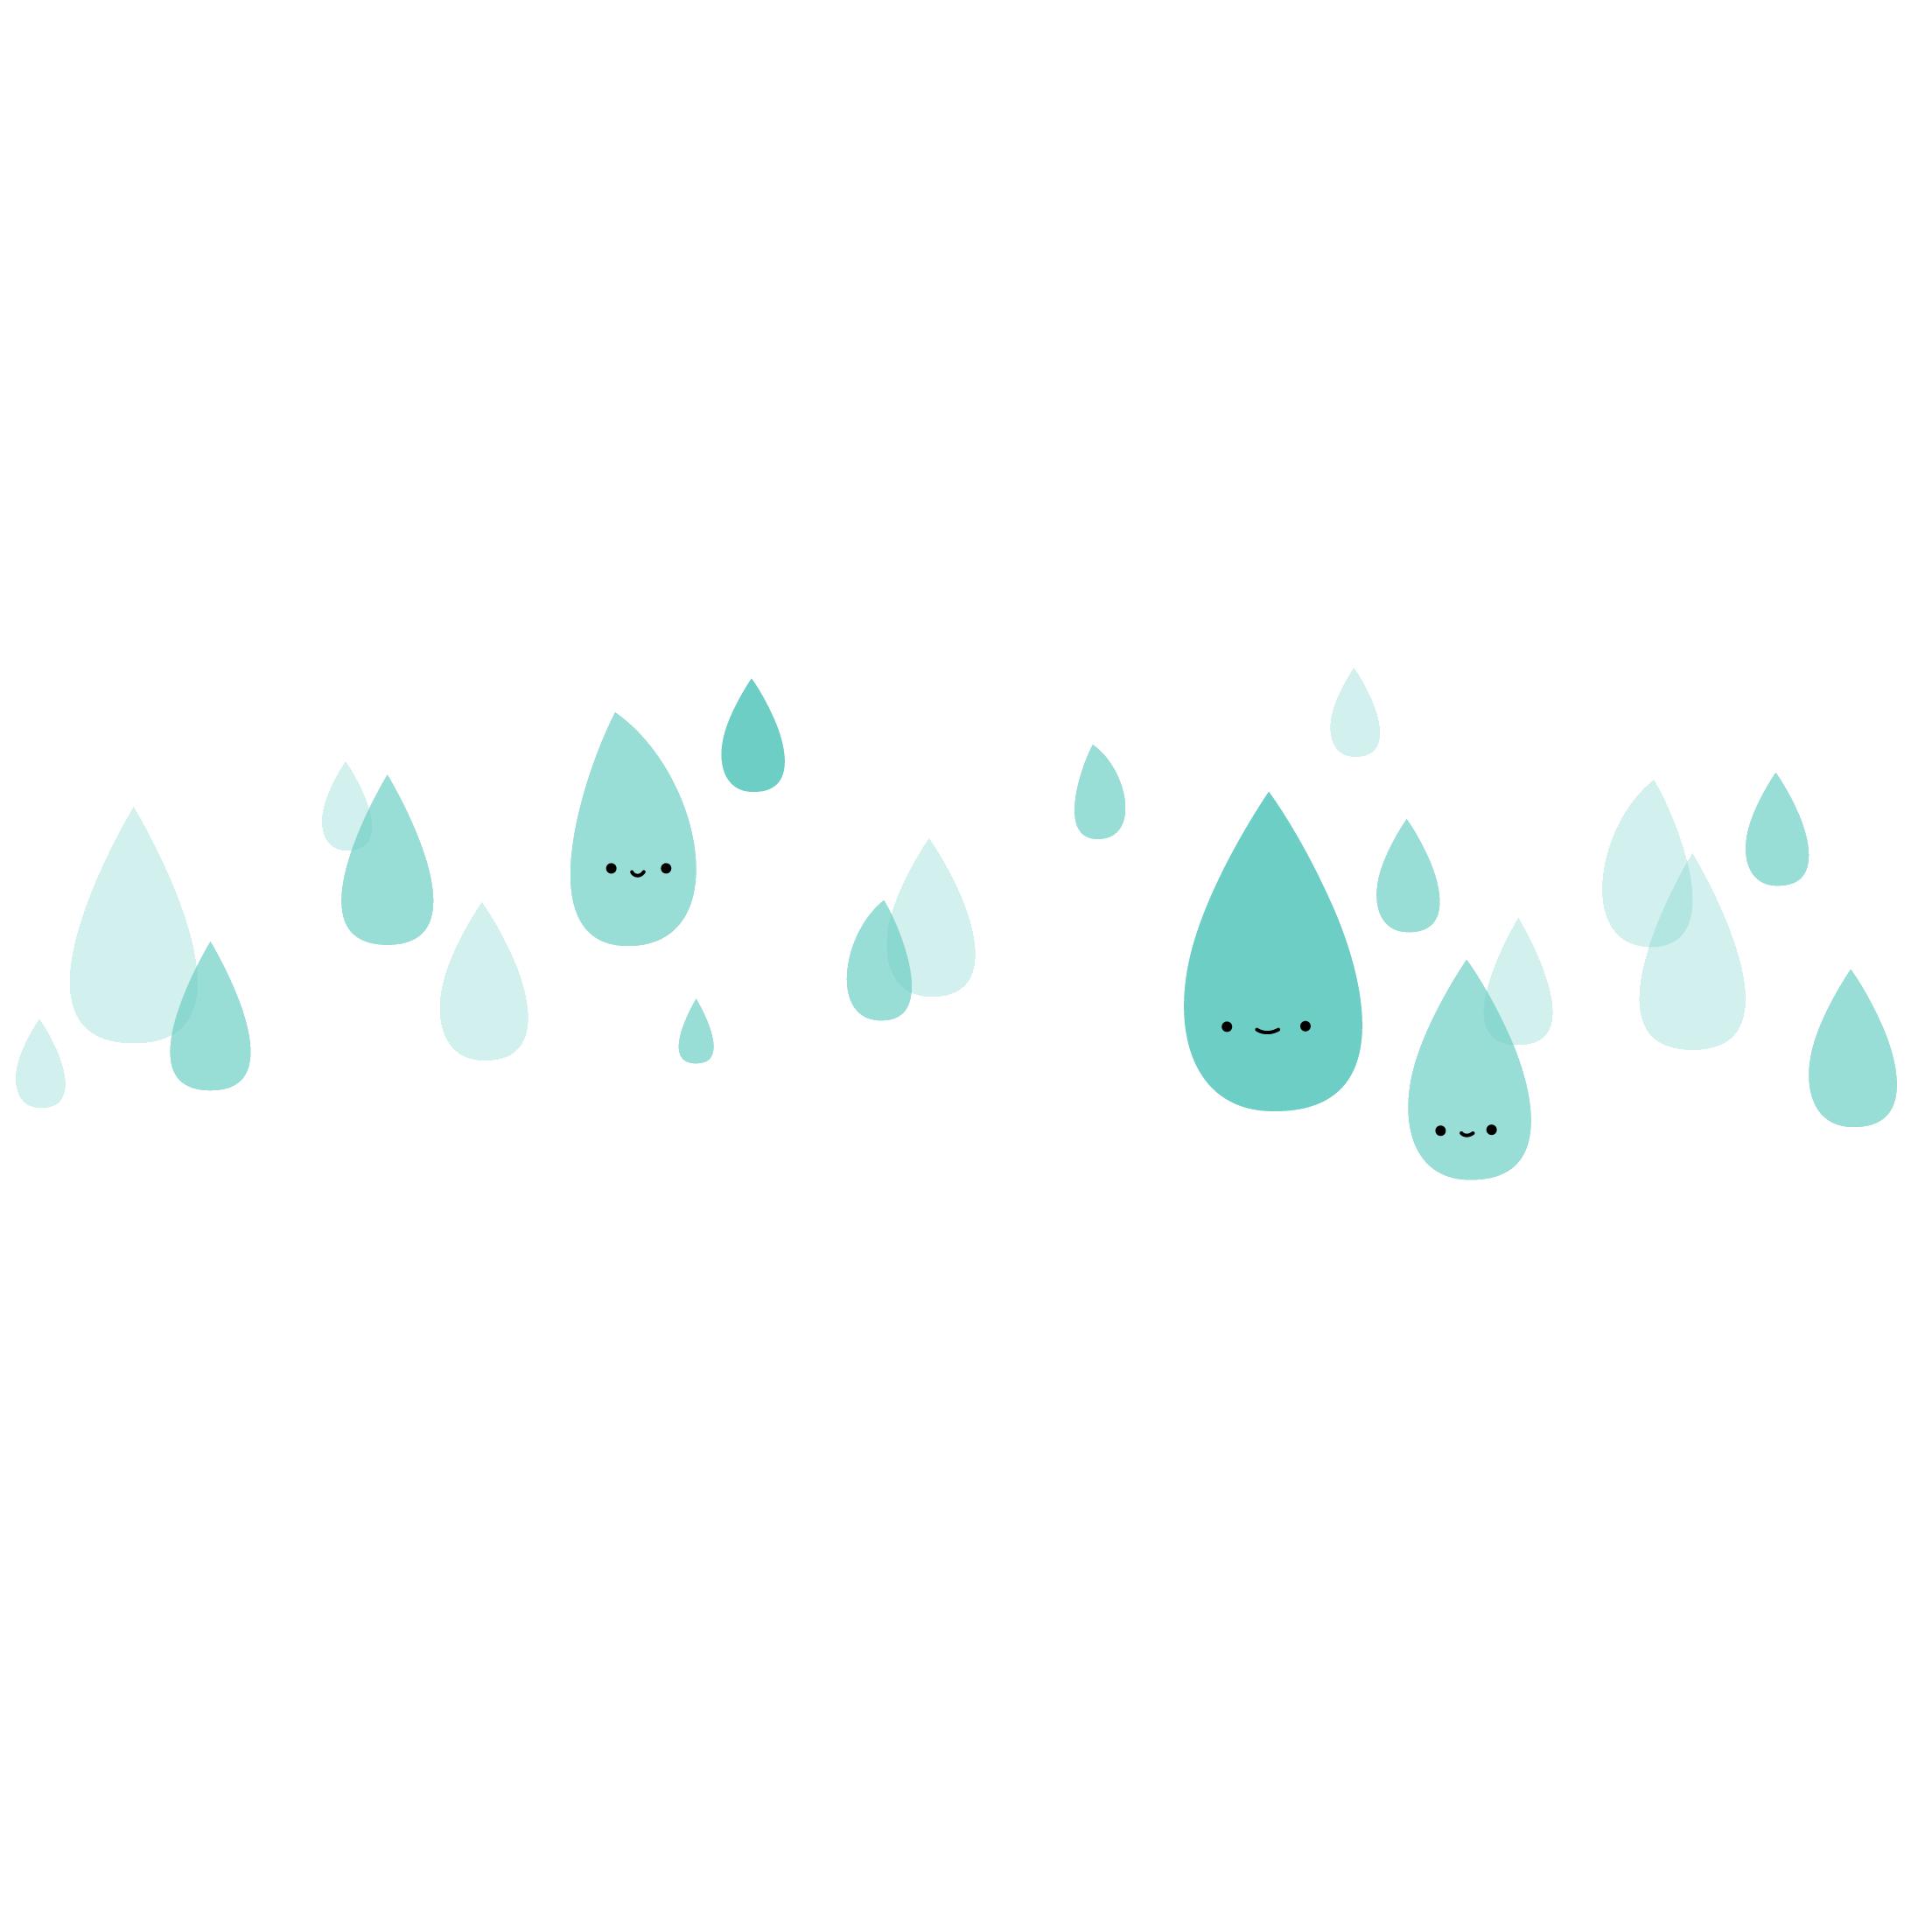 Raindrop clipart wallpaper. Raindrops png transparent images